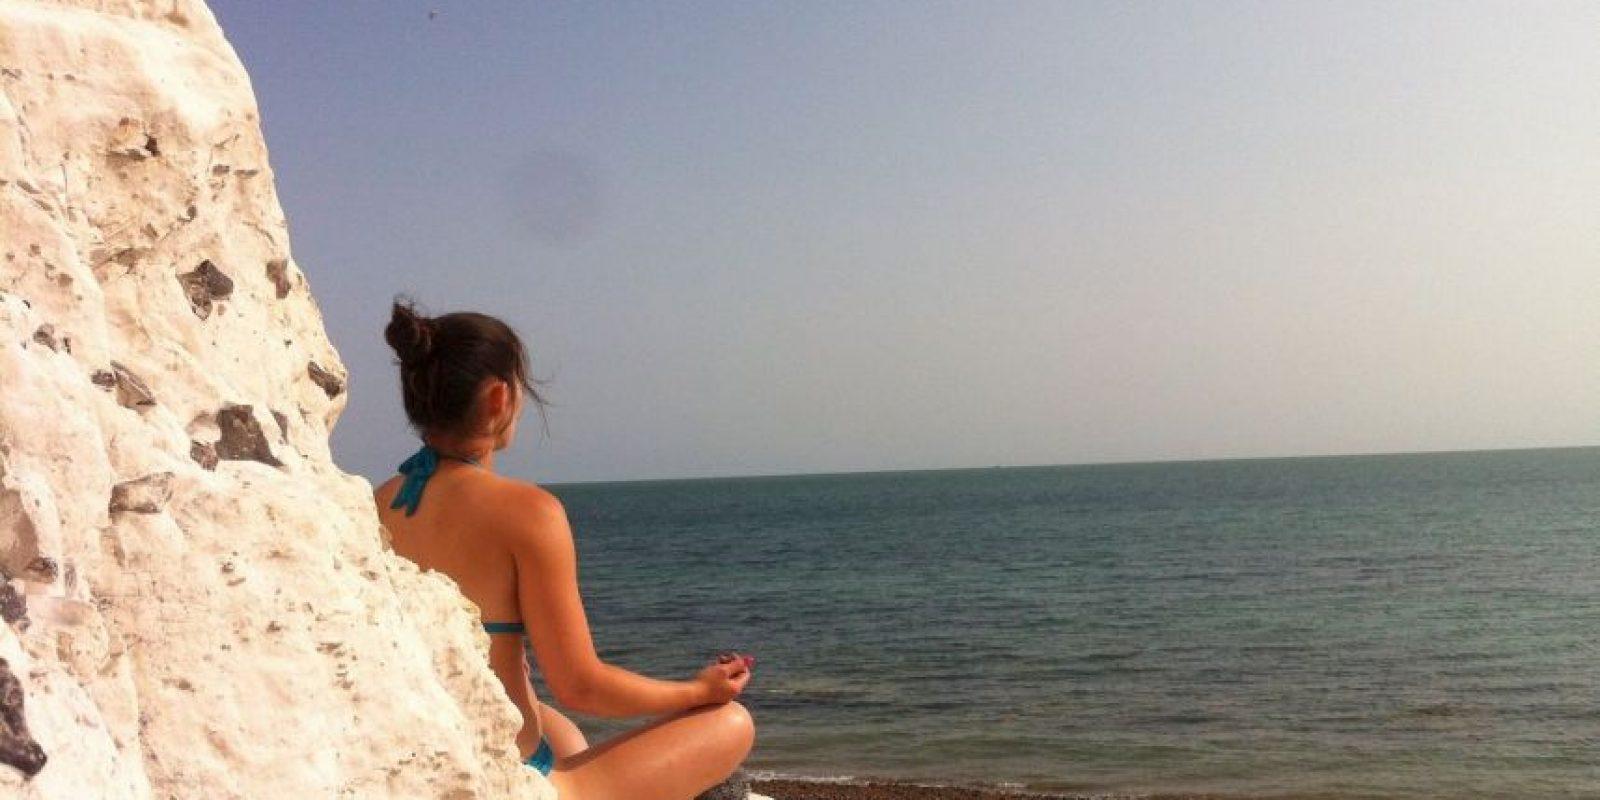 El Jivamukti yoga se caracteriza por los cantos en sánscrito, la música, las asanas (posturas de yoga) de acuerdo con secuencias especificas y vinyasas (sincronizacion del movimiento con la respiración). Foto:Facebook/Christina Chong